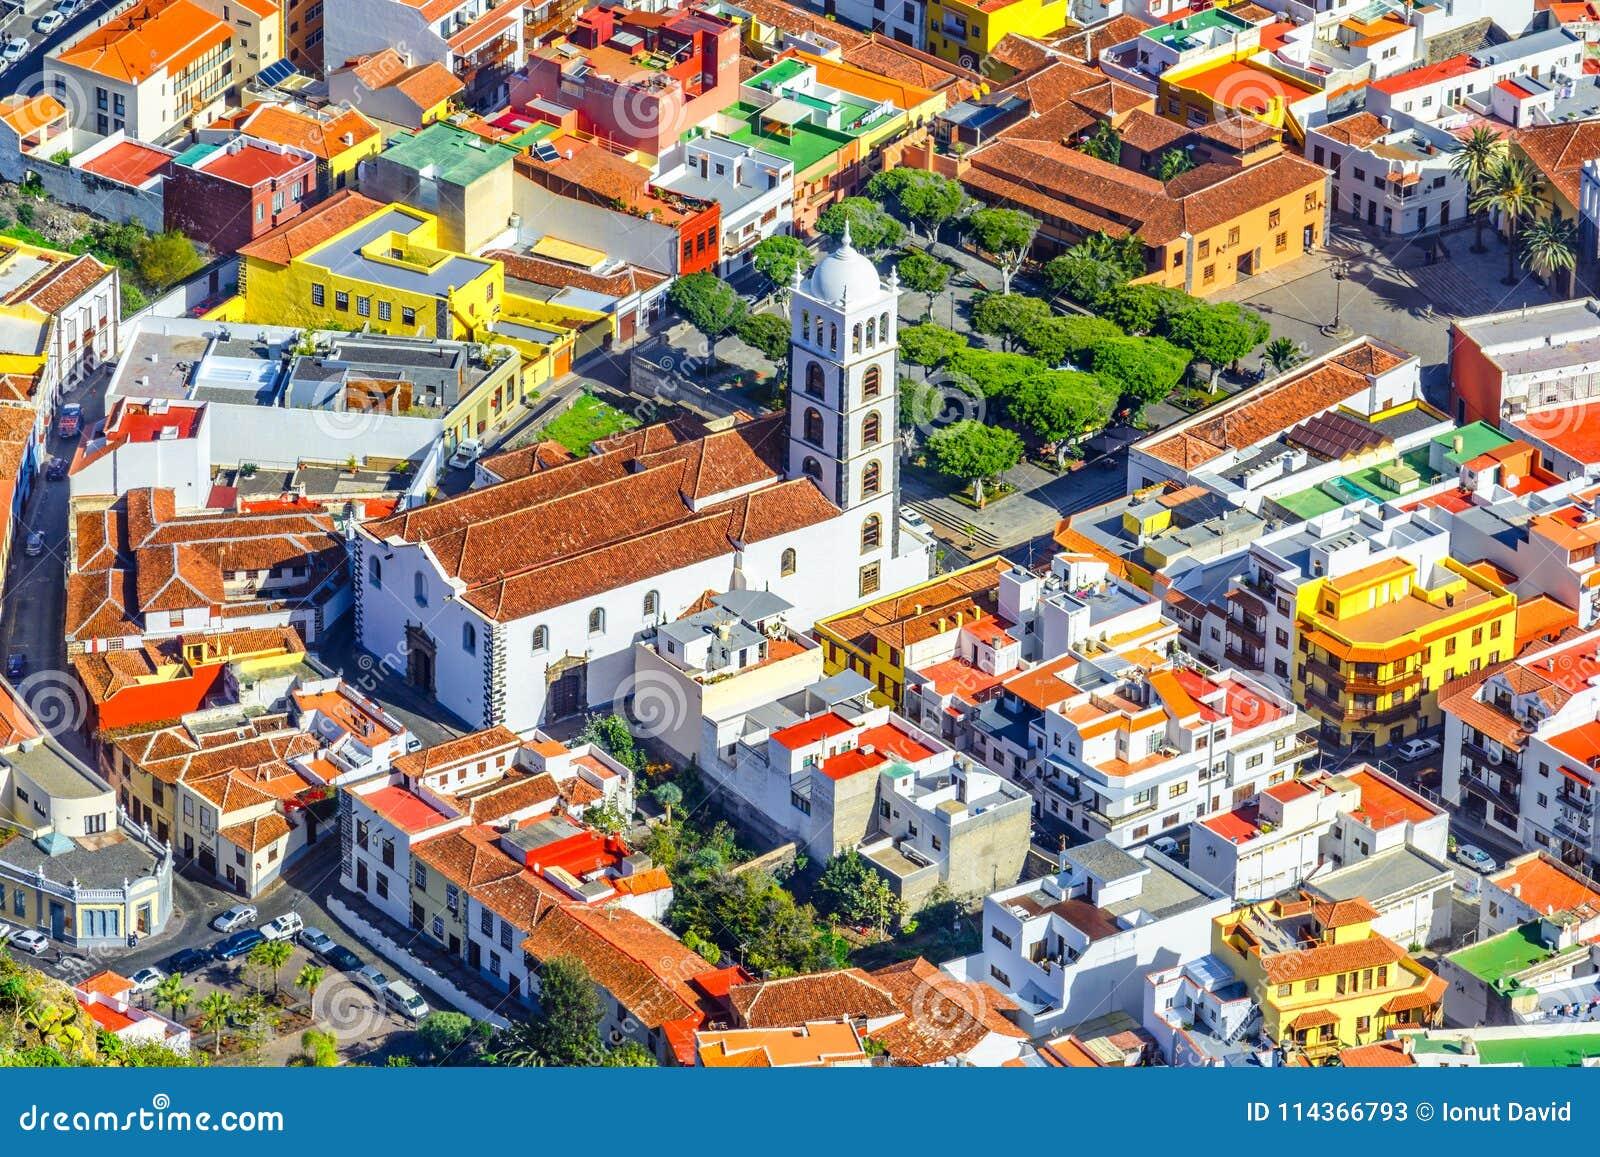 Тенерифе, Канарские острова, Испания: Обзор красивого городка с церковью Санта-Ана